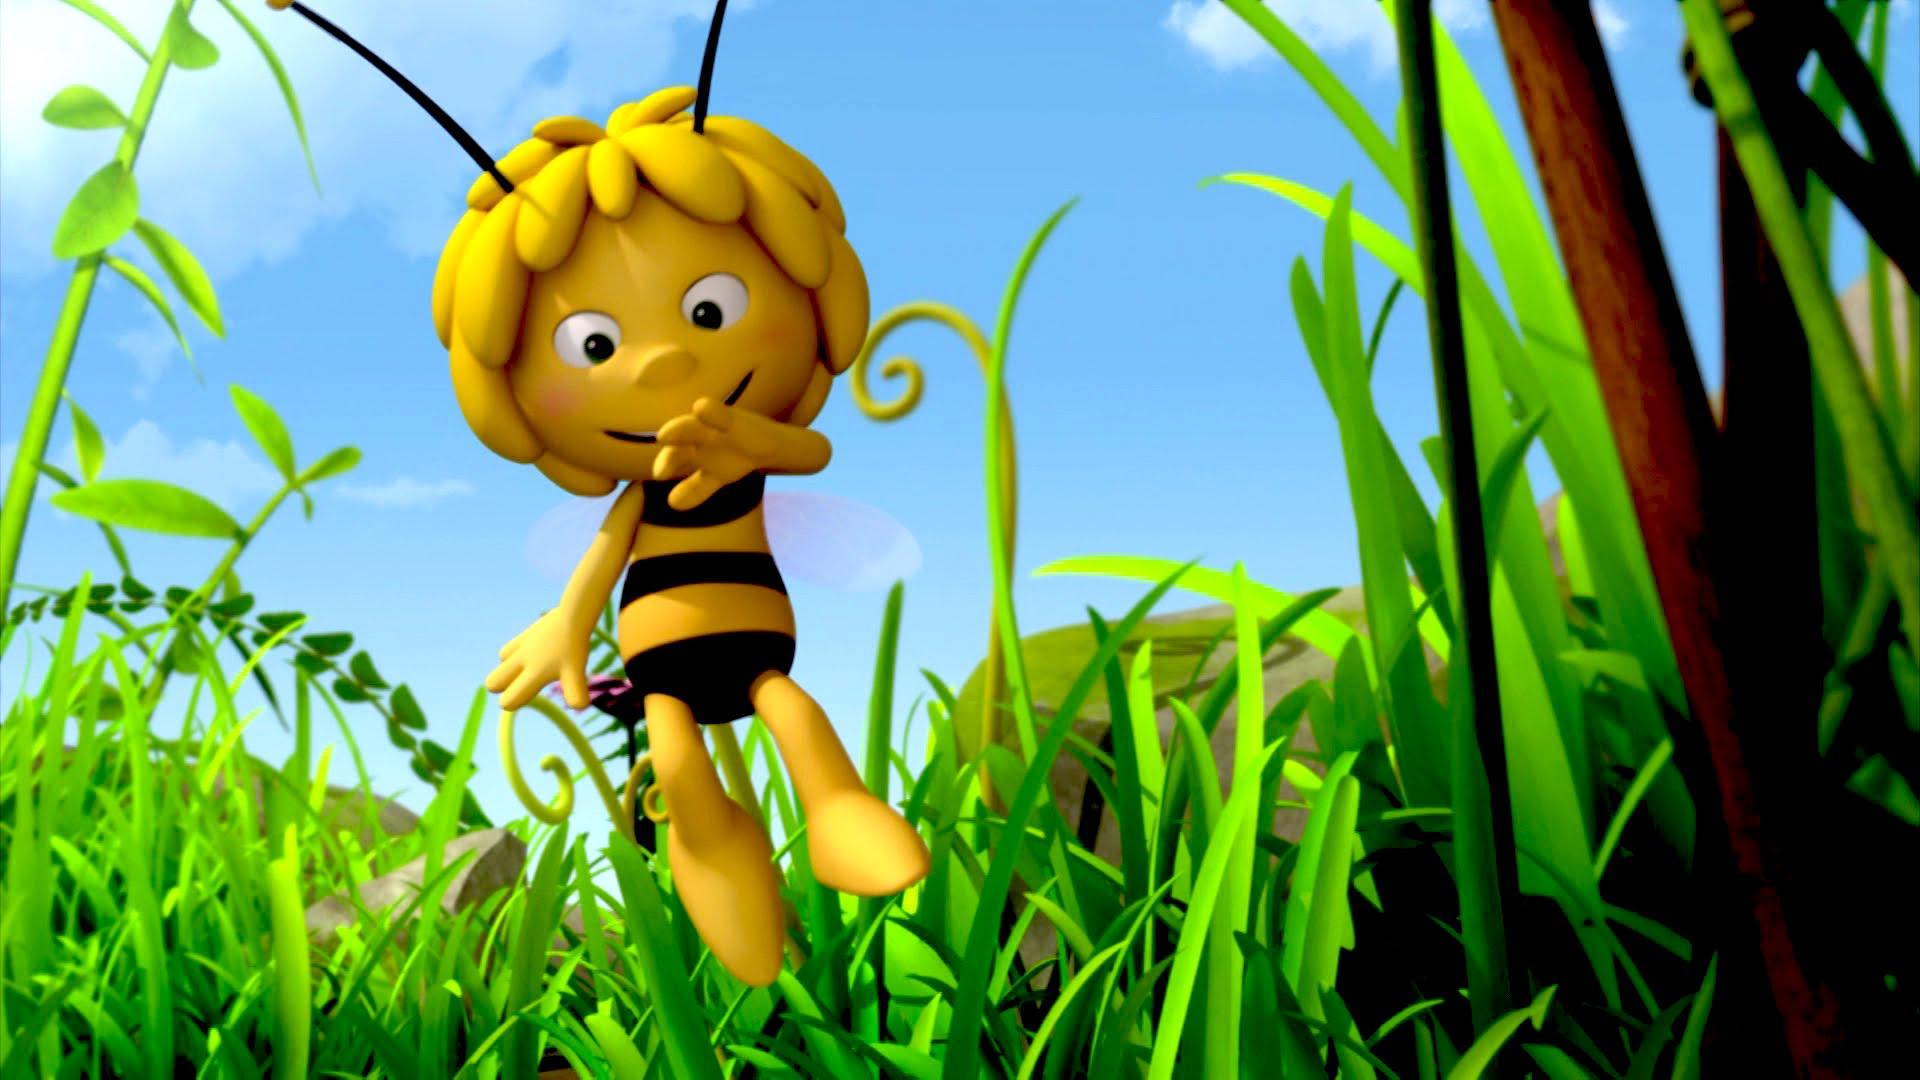 Пчелка майя картинки хорошего качества, смешные